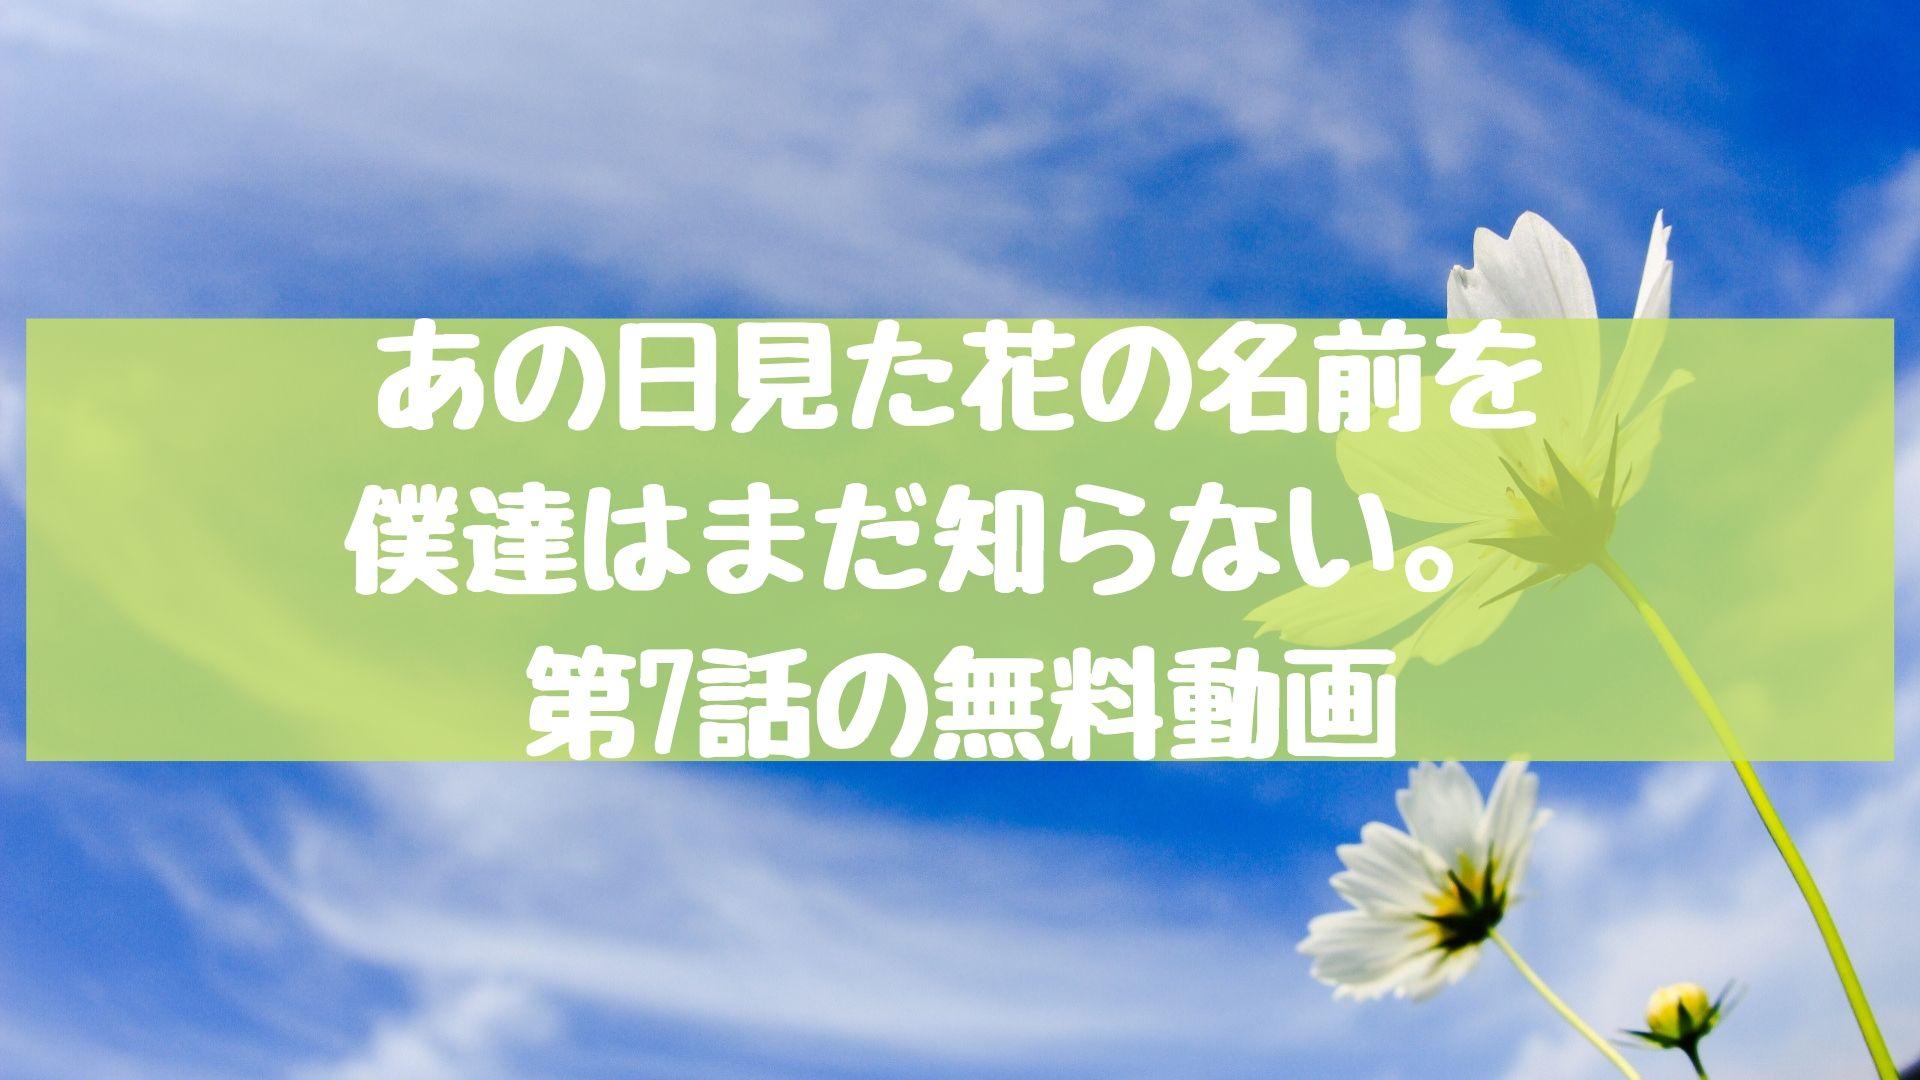 あの日見た花の名前を僕達はまだ知らない。 第7話の無料動画